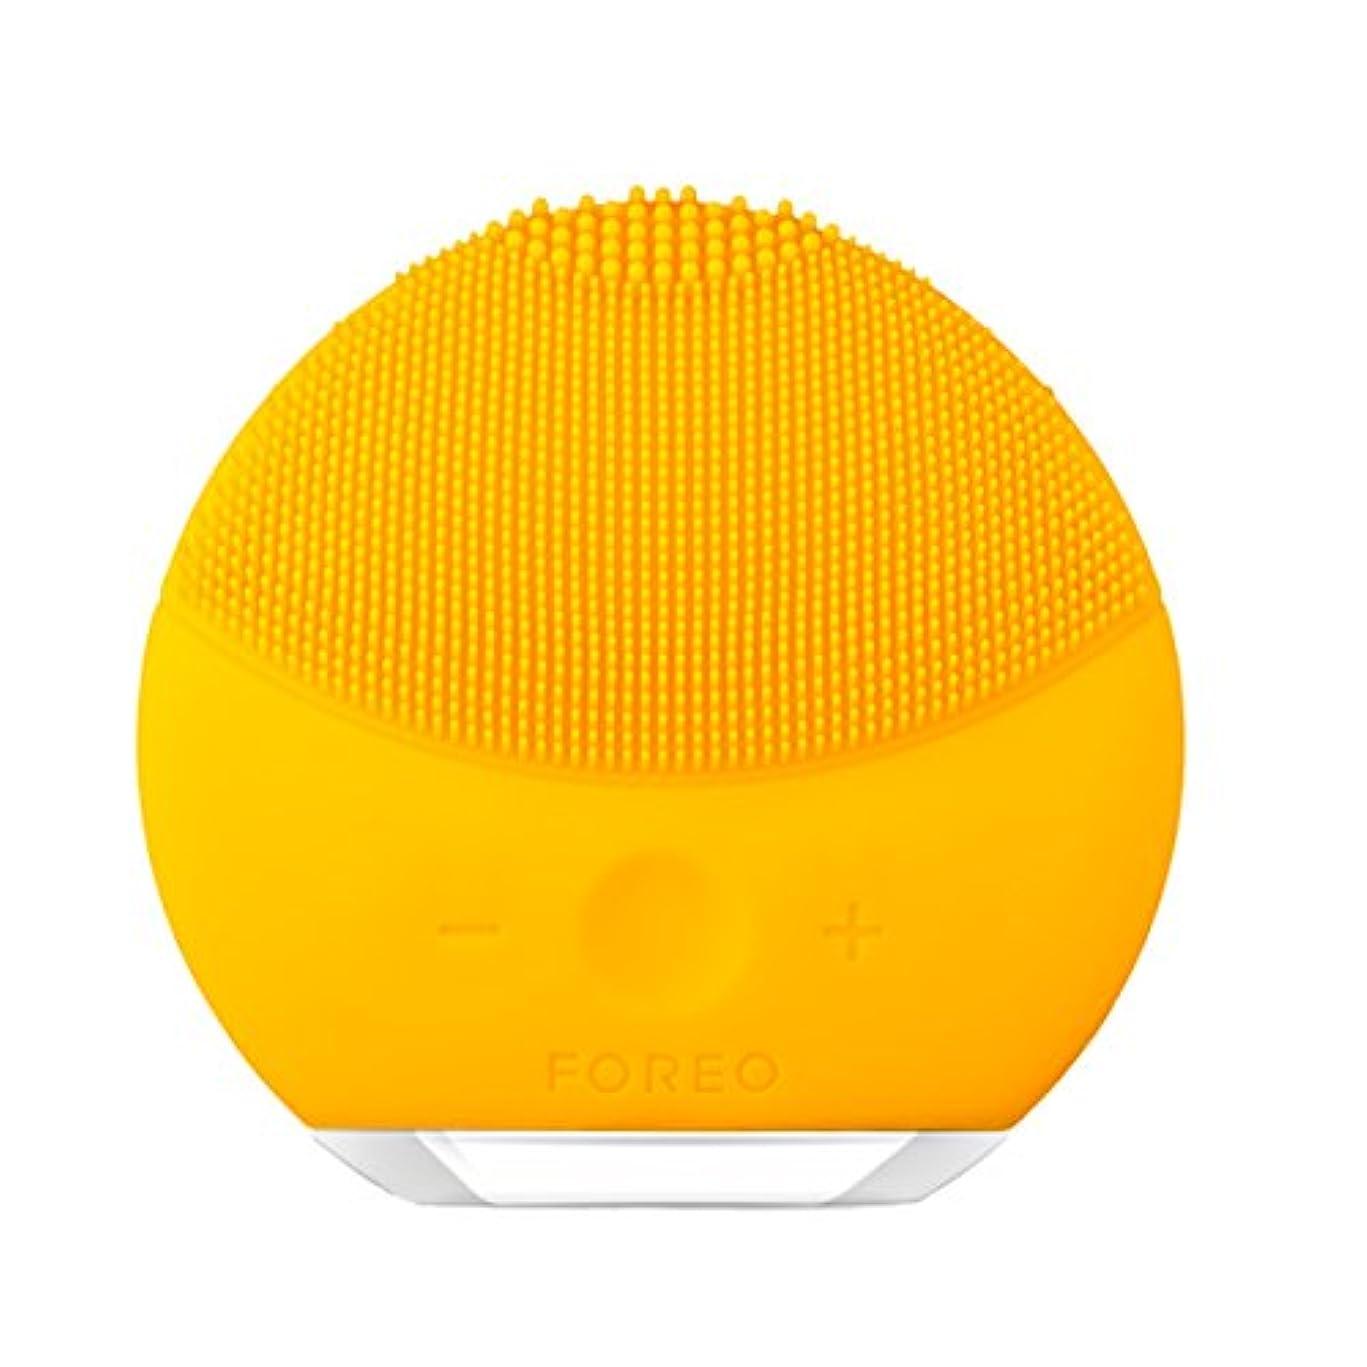 協同目指す警告するYA-MAN(ヤーマン) 洗顔ブラシ FOREO(フォレオ) LUNA mini2 サンフラワーイエロー シリコン フェイス 毛穴 F6255J